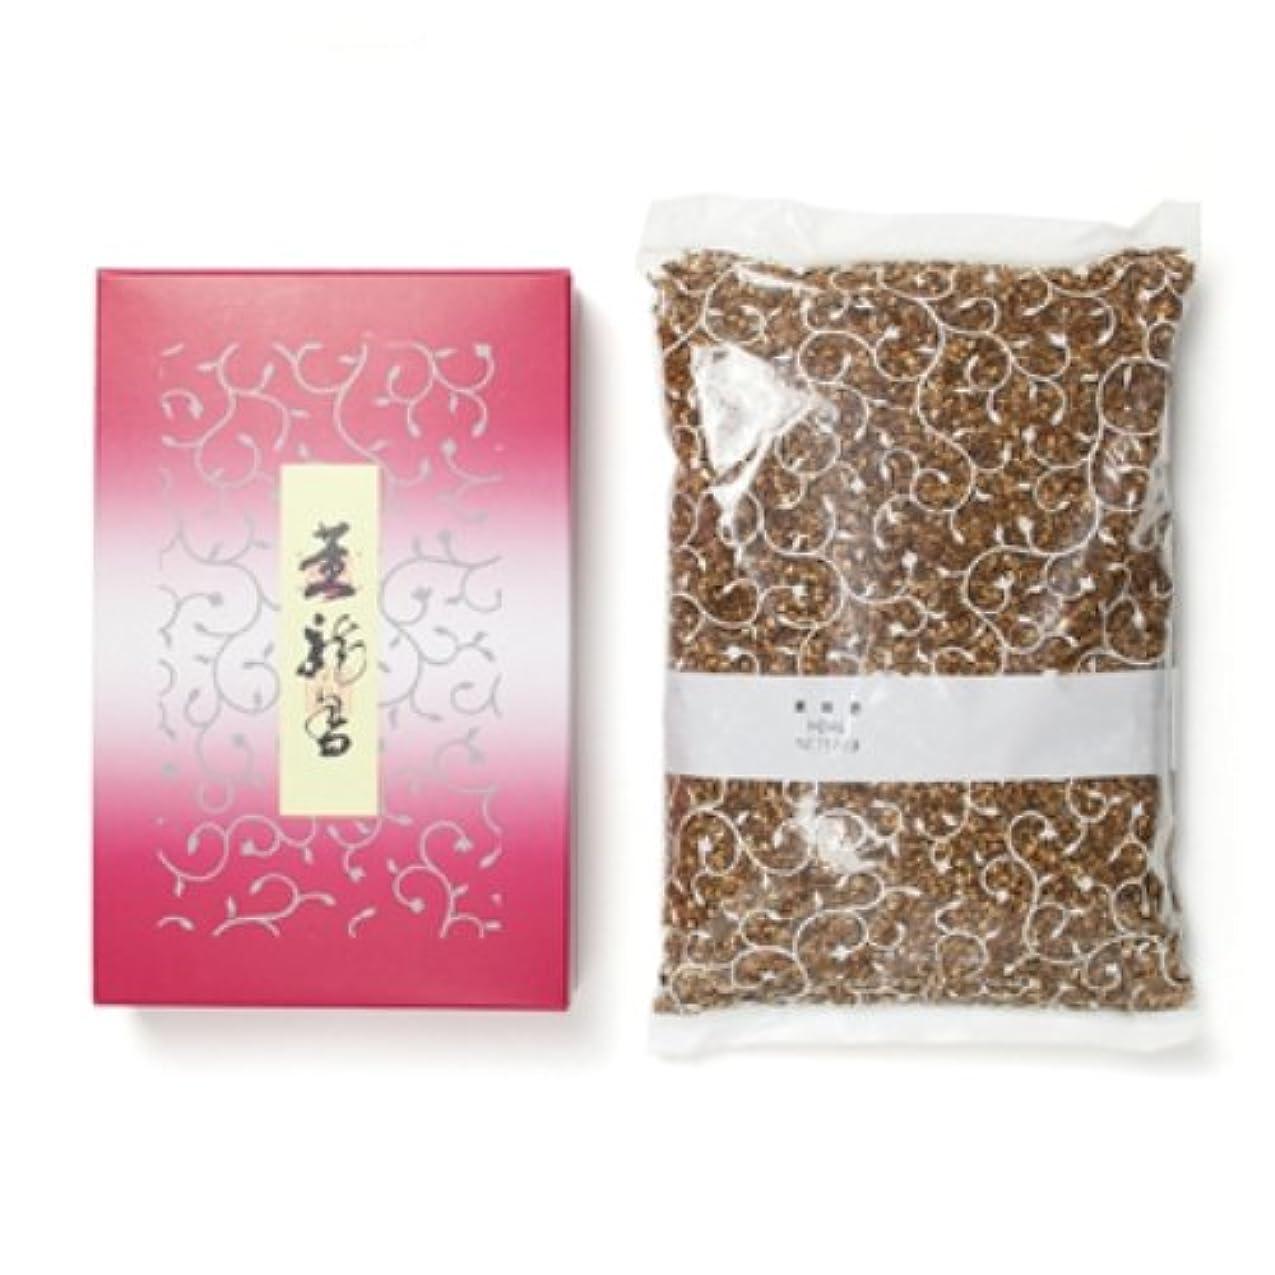 実用的触覚米国松栄堂のお焼香 薫竜香 500g詰 紙箱入 #410211